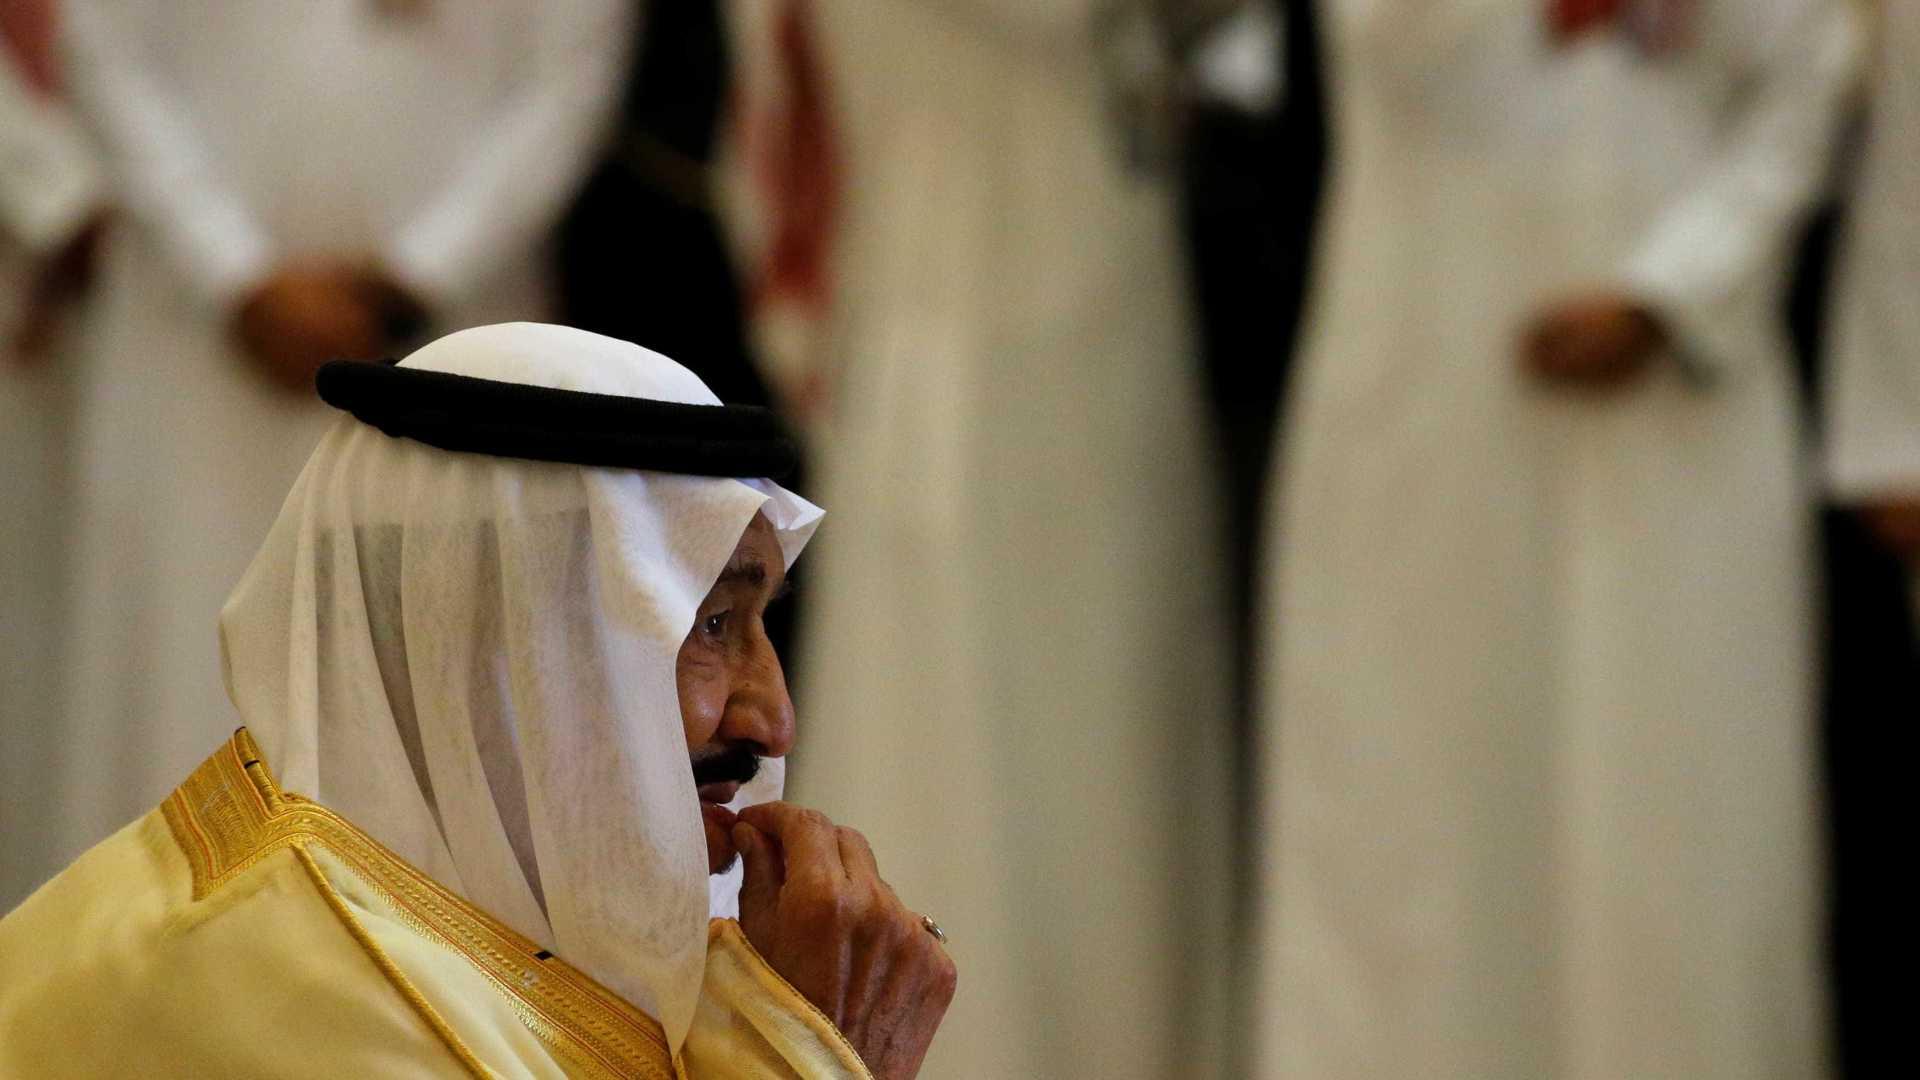 príncipes, ministros e ex-ministros sauditas detidos por corrupção - Arabia principe - Príncipes, ministros e ex-ministros sauditas detidos por corrupção